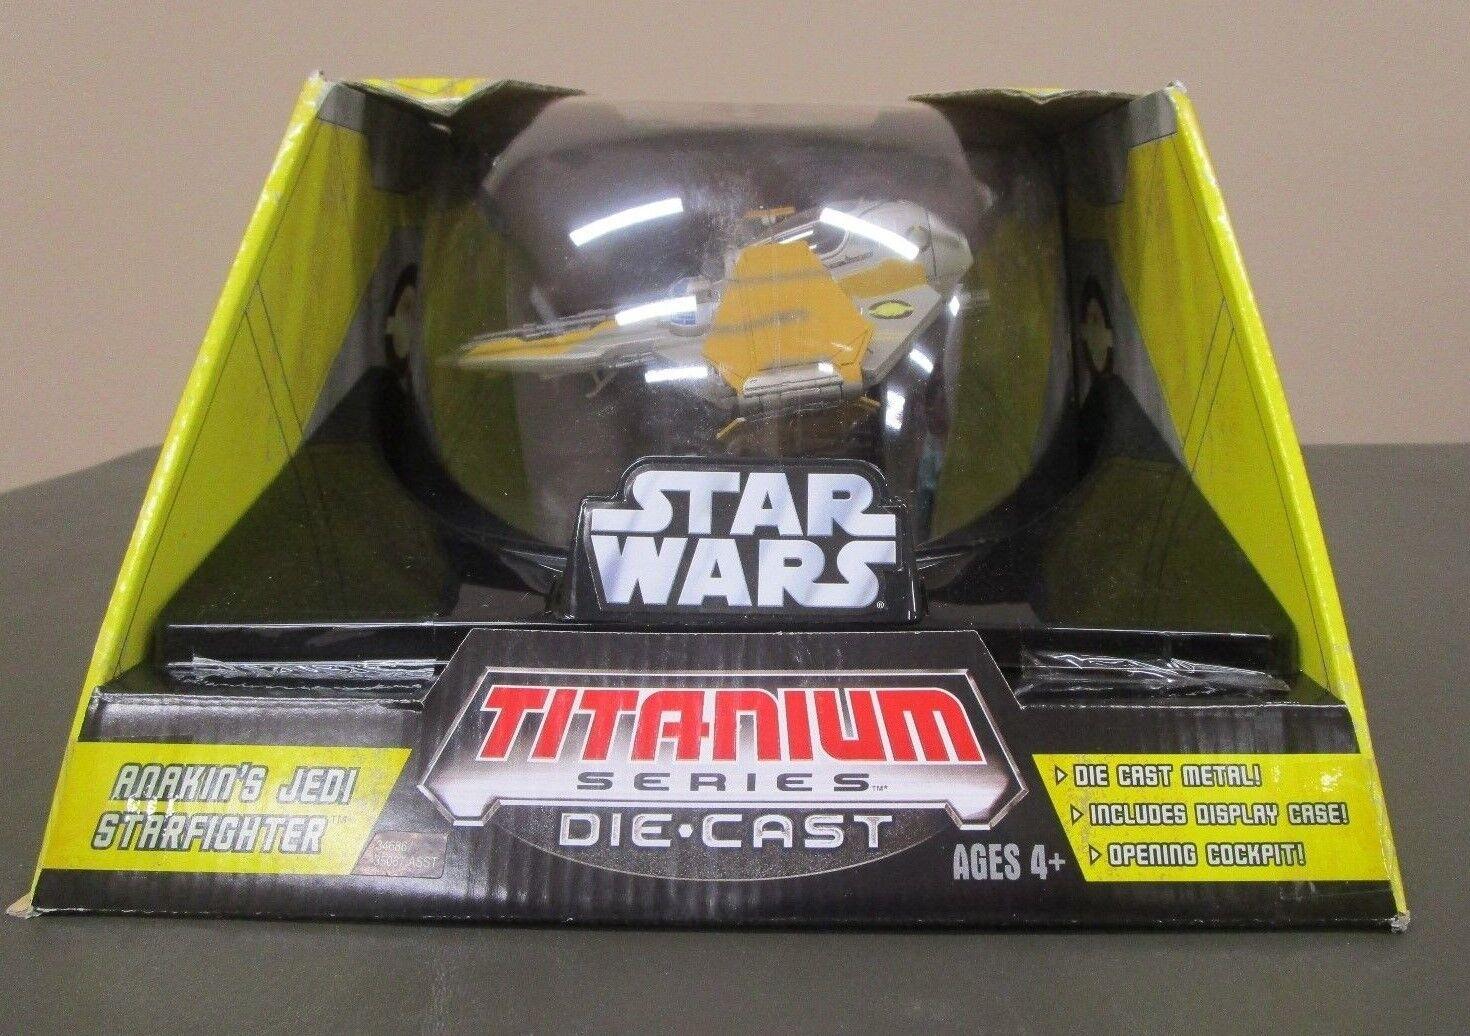 Anakin's Jedi Starfighter  Star Wars Titanium Series Die Cast 7  Grand Ultra  excellent prix